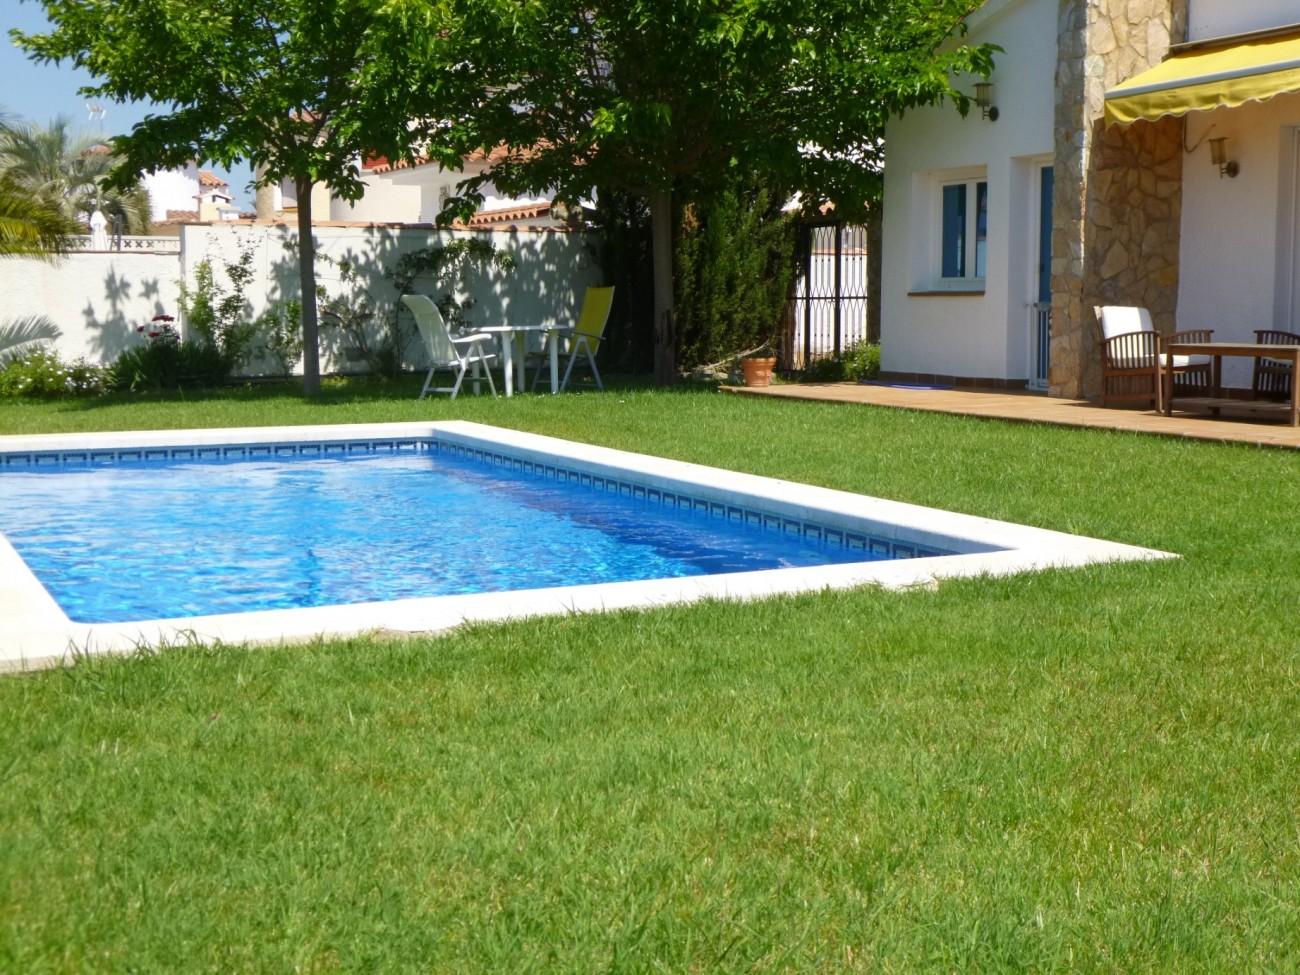 Villas in empuriabrava 0001 pani huis met zwembad - Zwembad huis ...